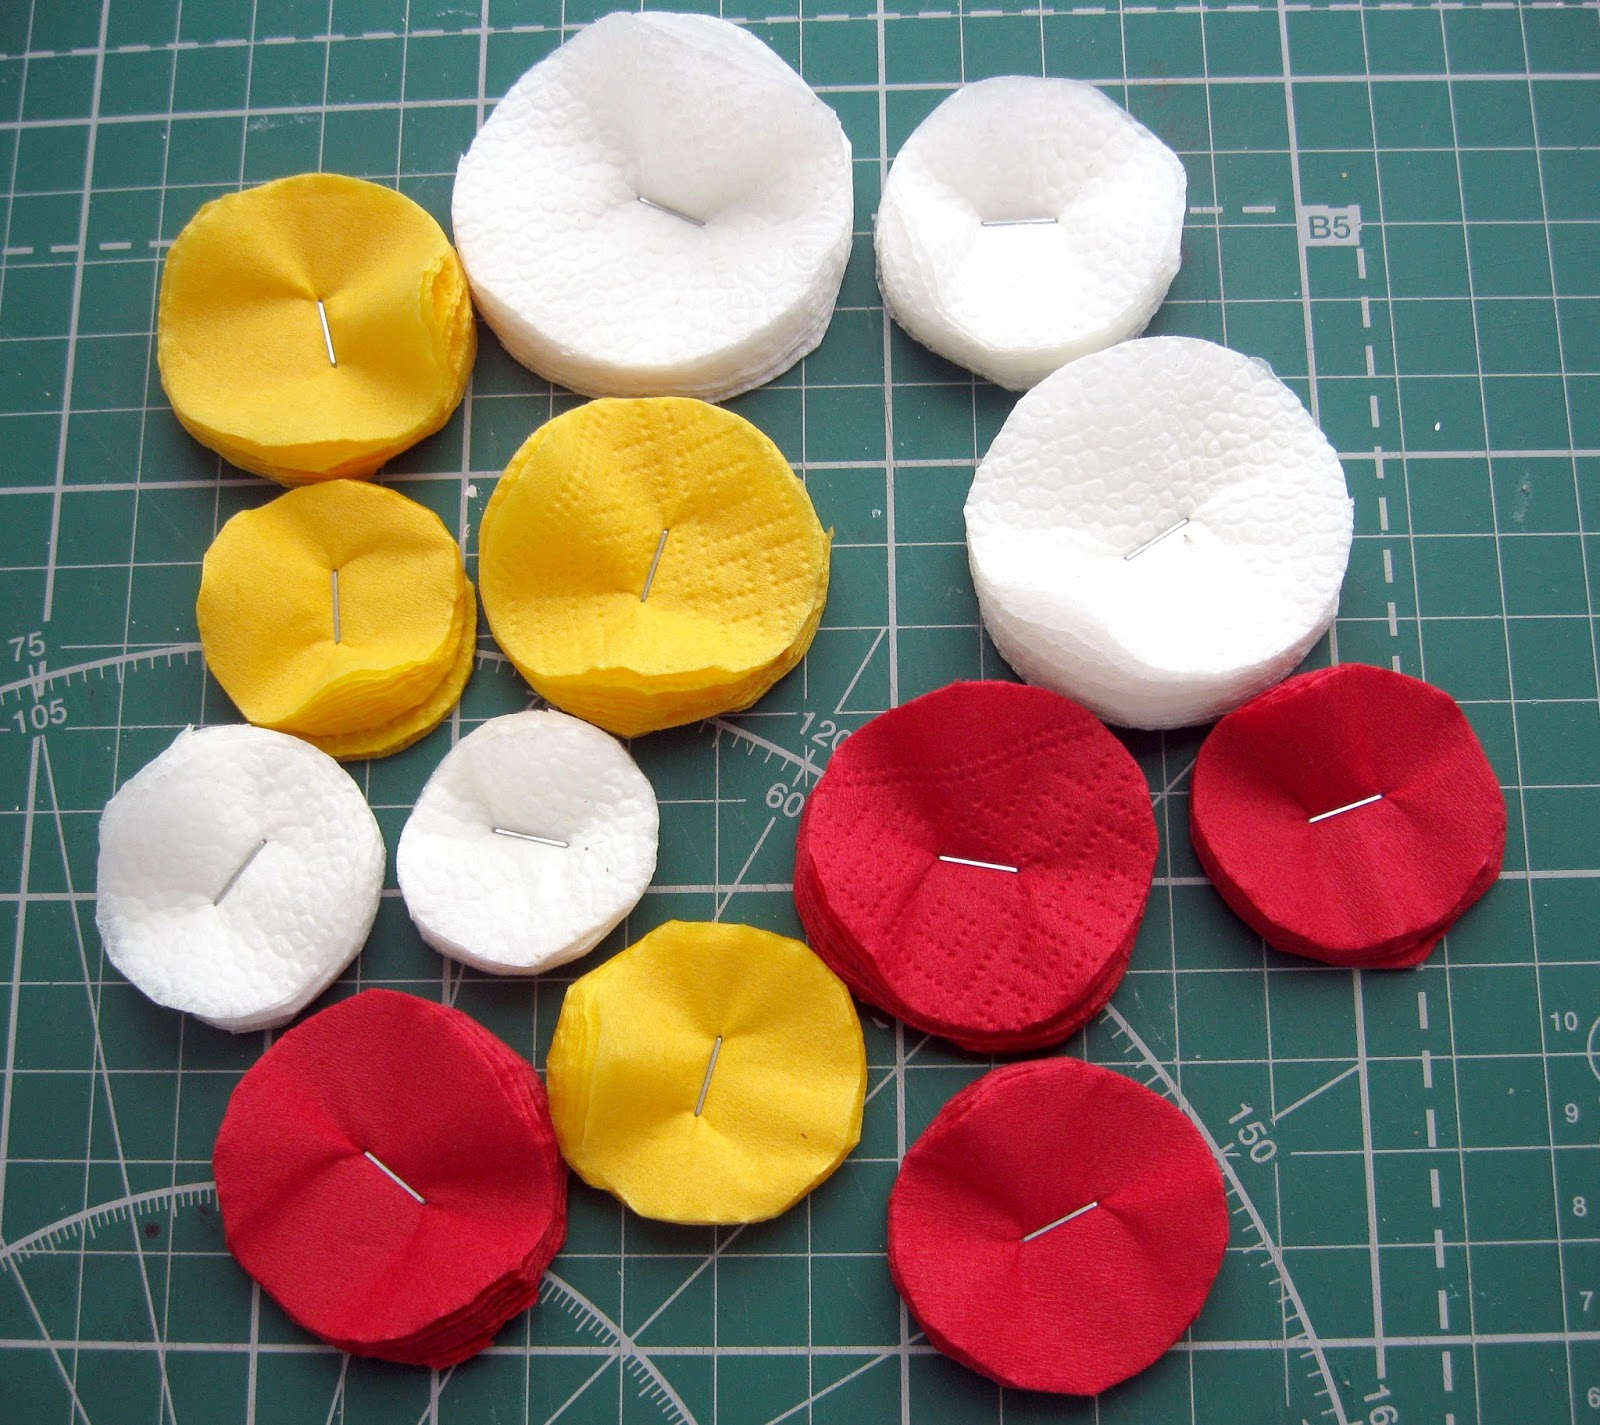 Поделки – цветы из салфеток для начинающих для топиария, аппликации, объемной цифры, на стол, в горшках: идеи, шаблоны, схемы, фото. как красиво сложить цветок из бумажной салфетки?